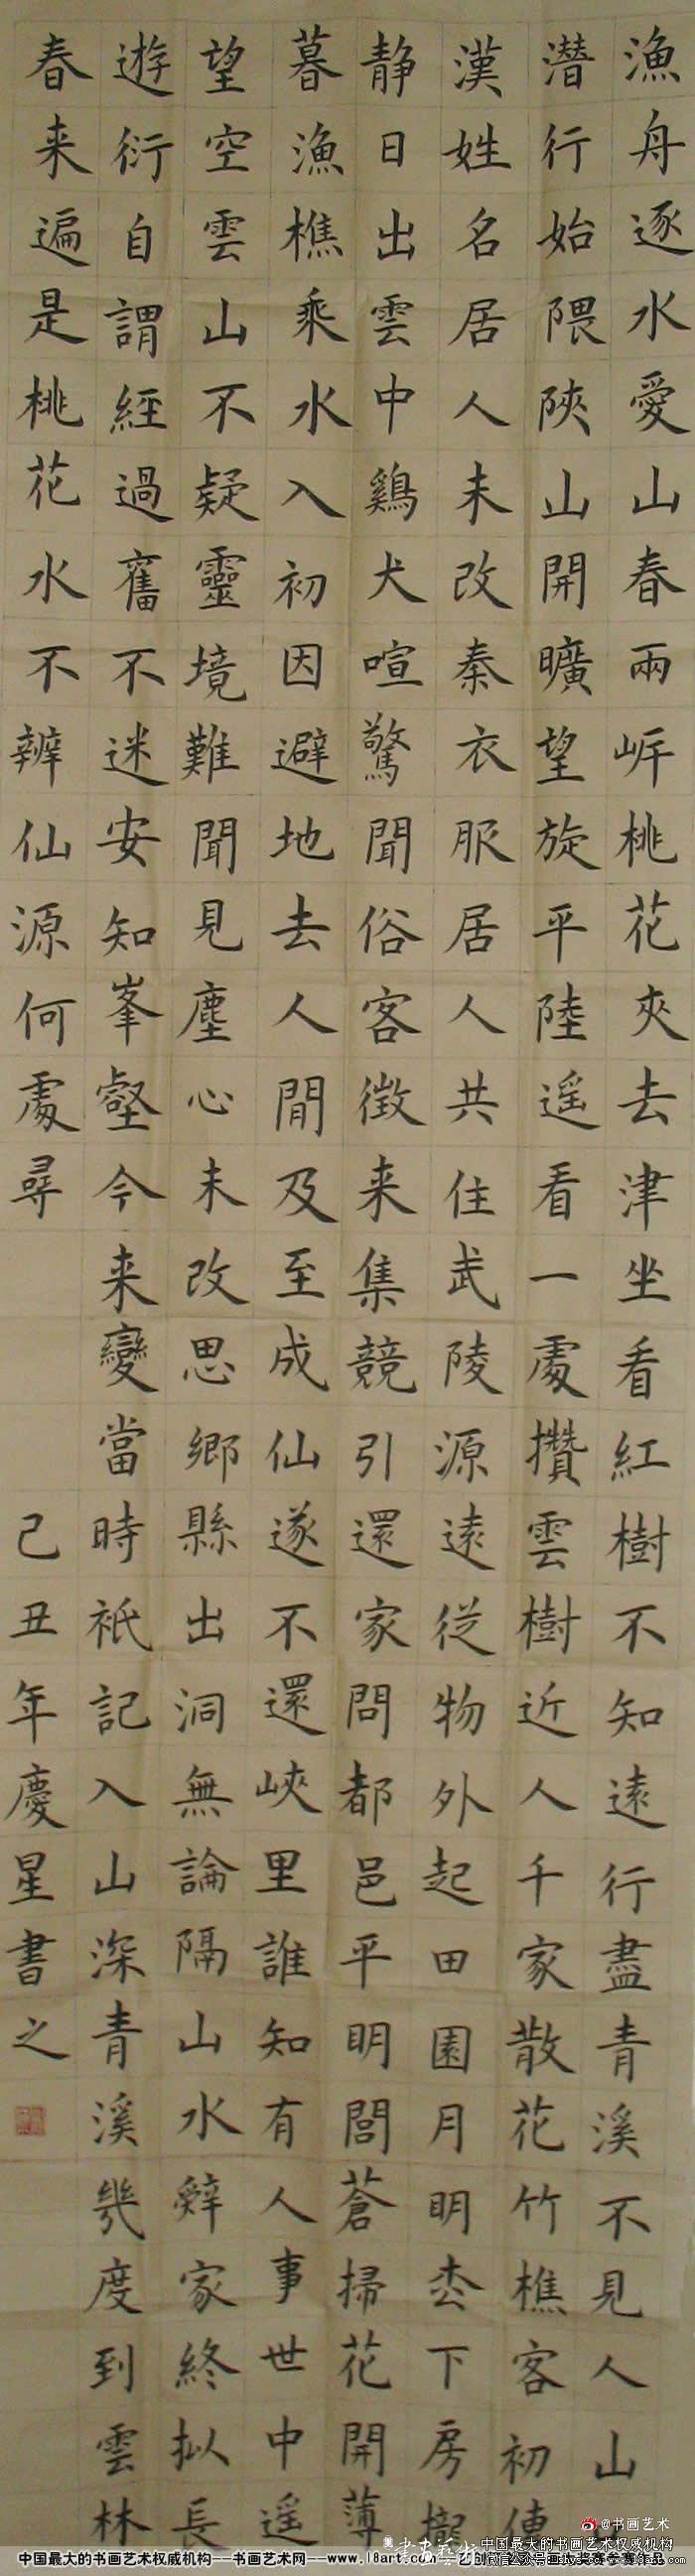 参赛者:江西宁都--曾庆星--17岁